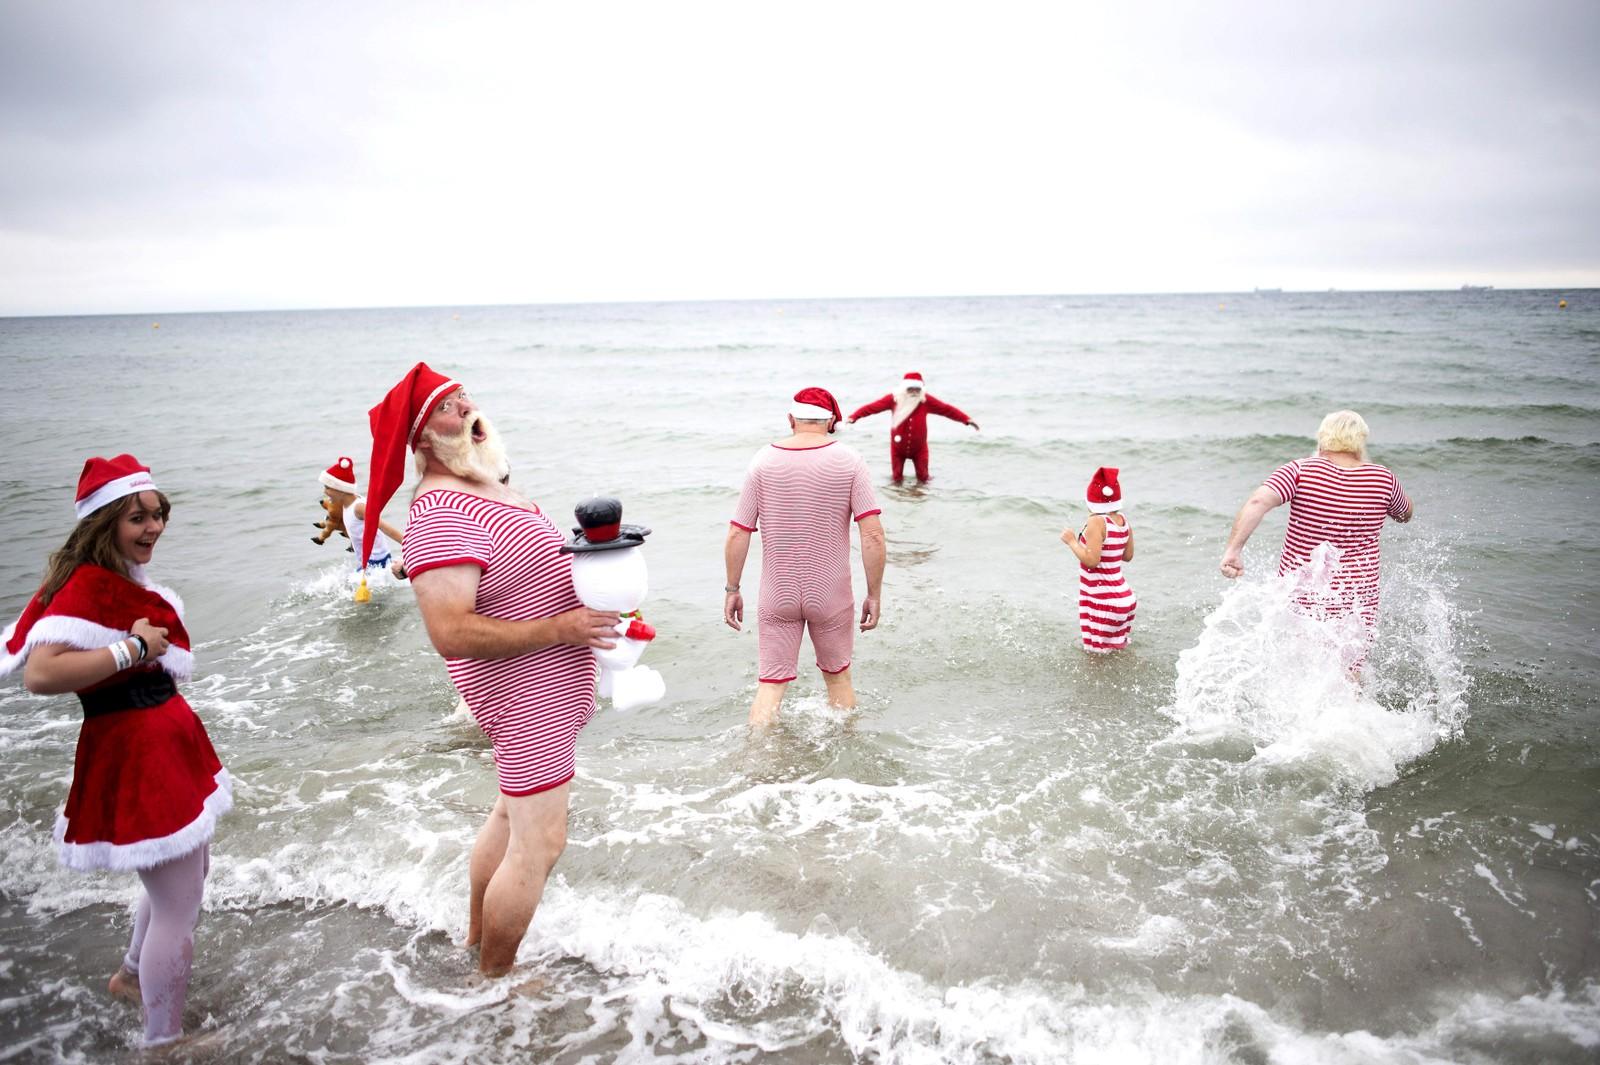 Ja, du ser riktig. Julenisser i juli! Disse glade nissene deltok i den årlige julenissekongressen i Danmark denne uka. Her bader de ved stranda Bellevue i København.